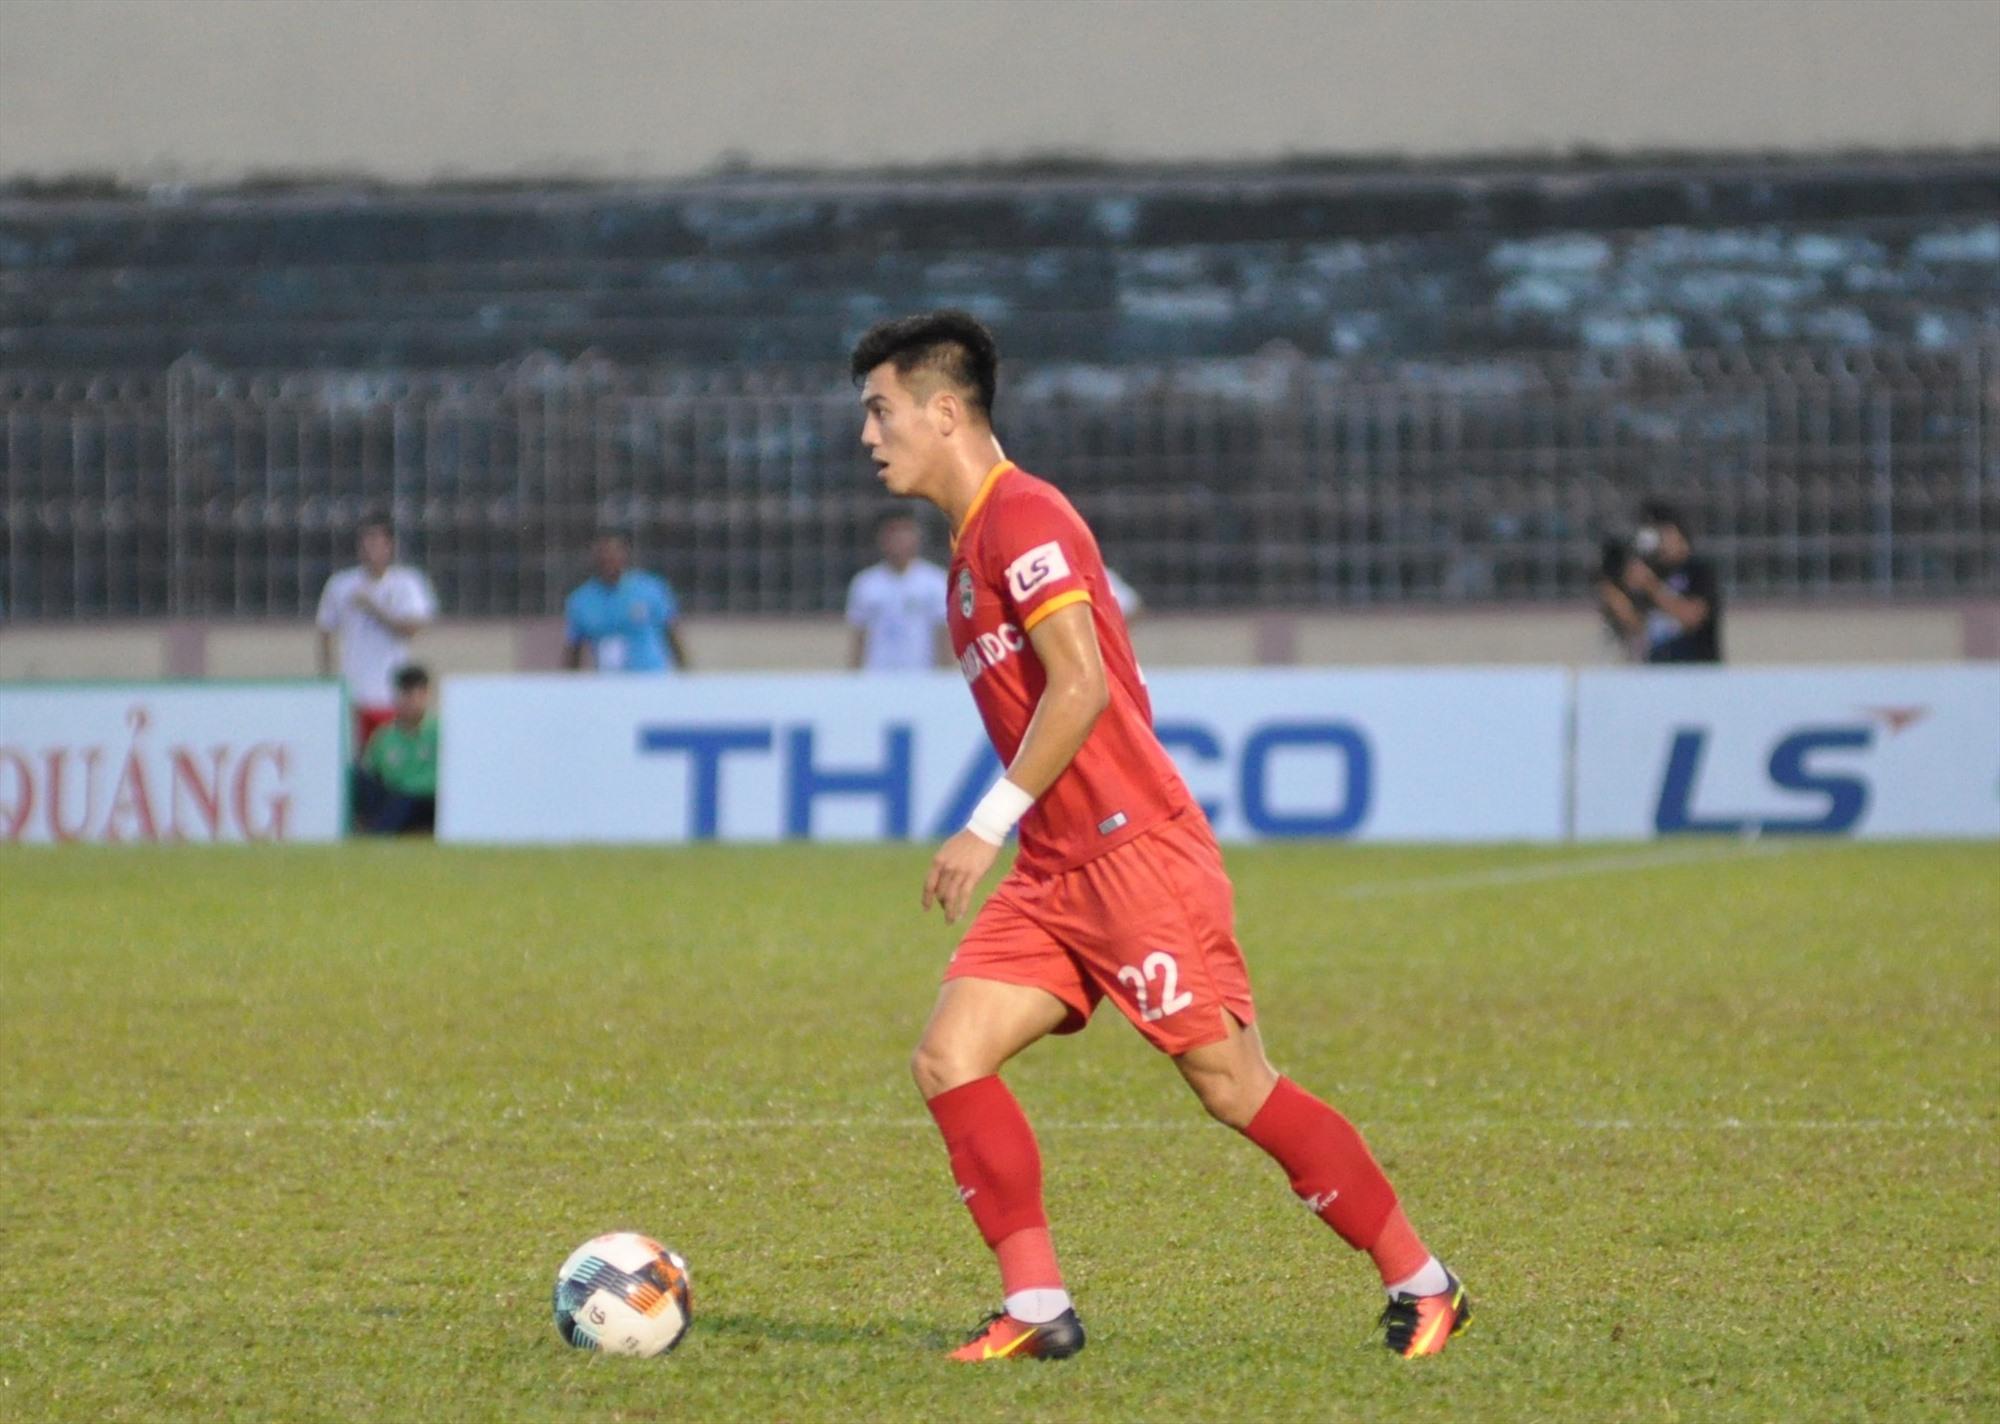 Tiến Linh cùng Becamex Bình Dương chưa thể thực hiện được mục tiêu tốp 6 khi V-League tạm dừng. Ảnh: A.NHI